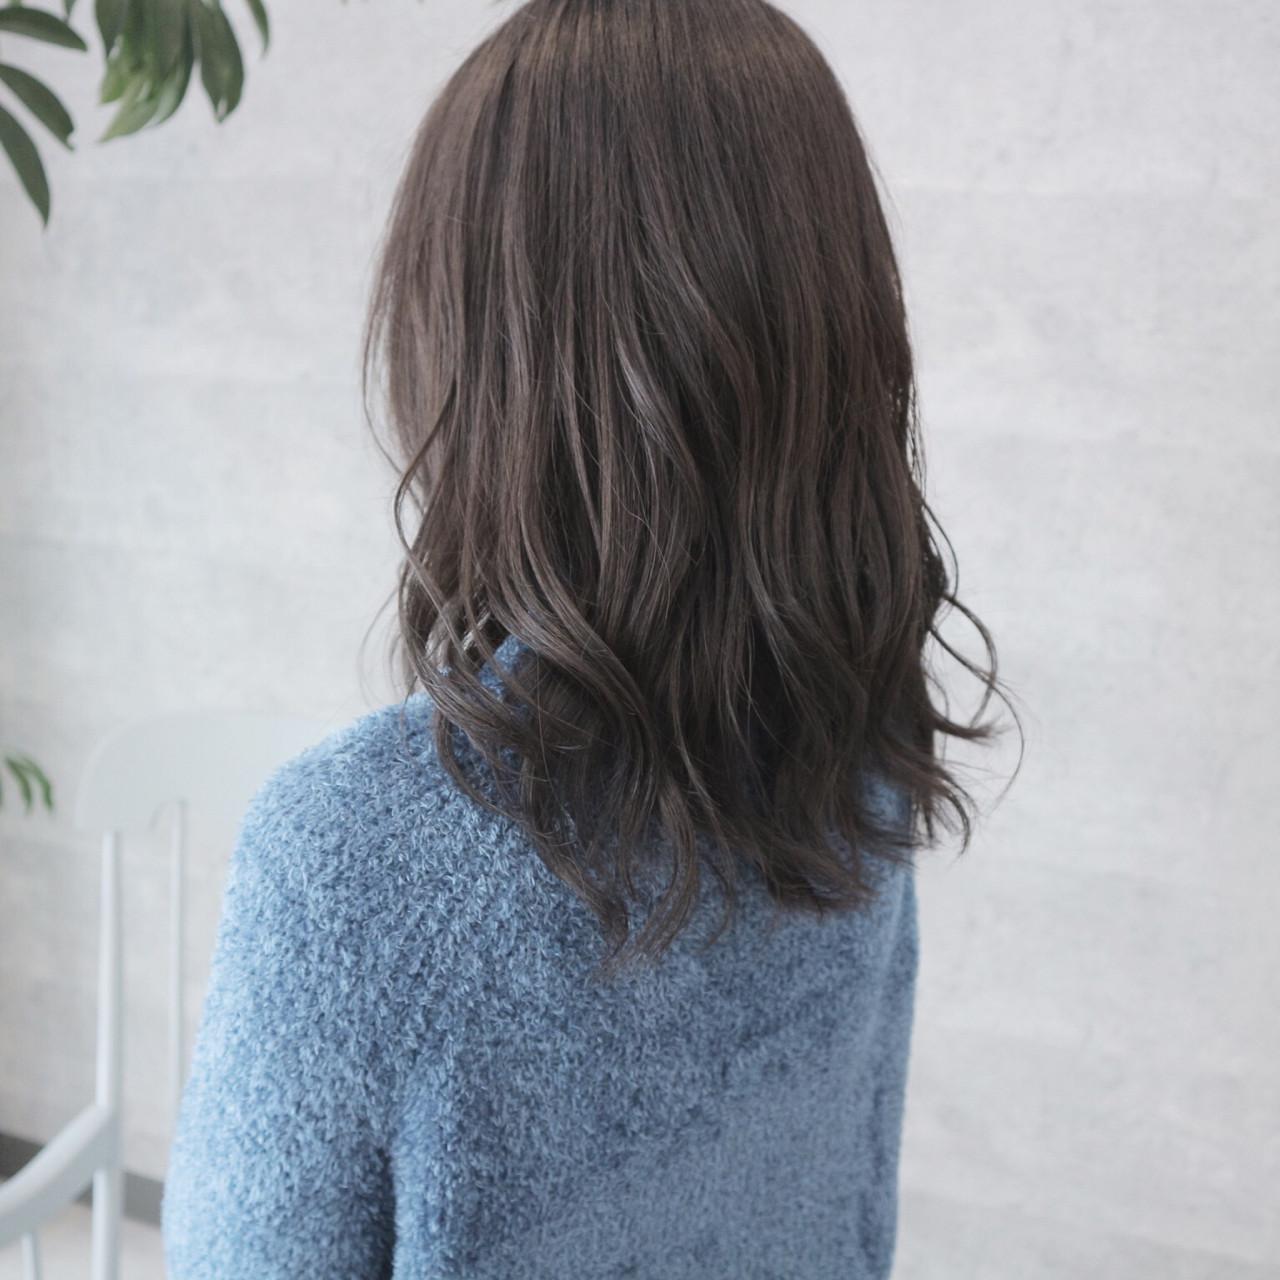 次のヘアカラーは、ブルーブラックへシフト!透明感を手に入れよう♡の3枚目の画像